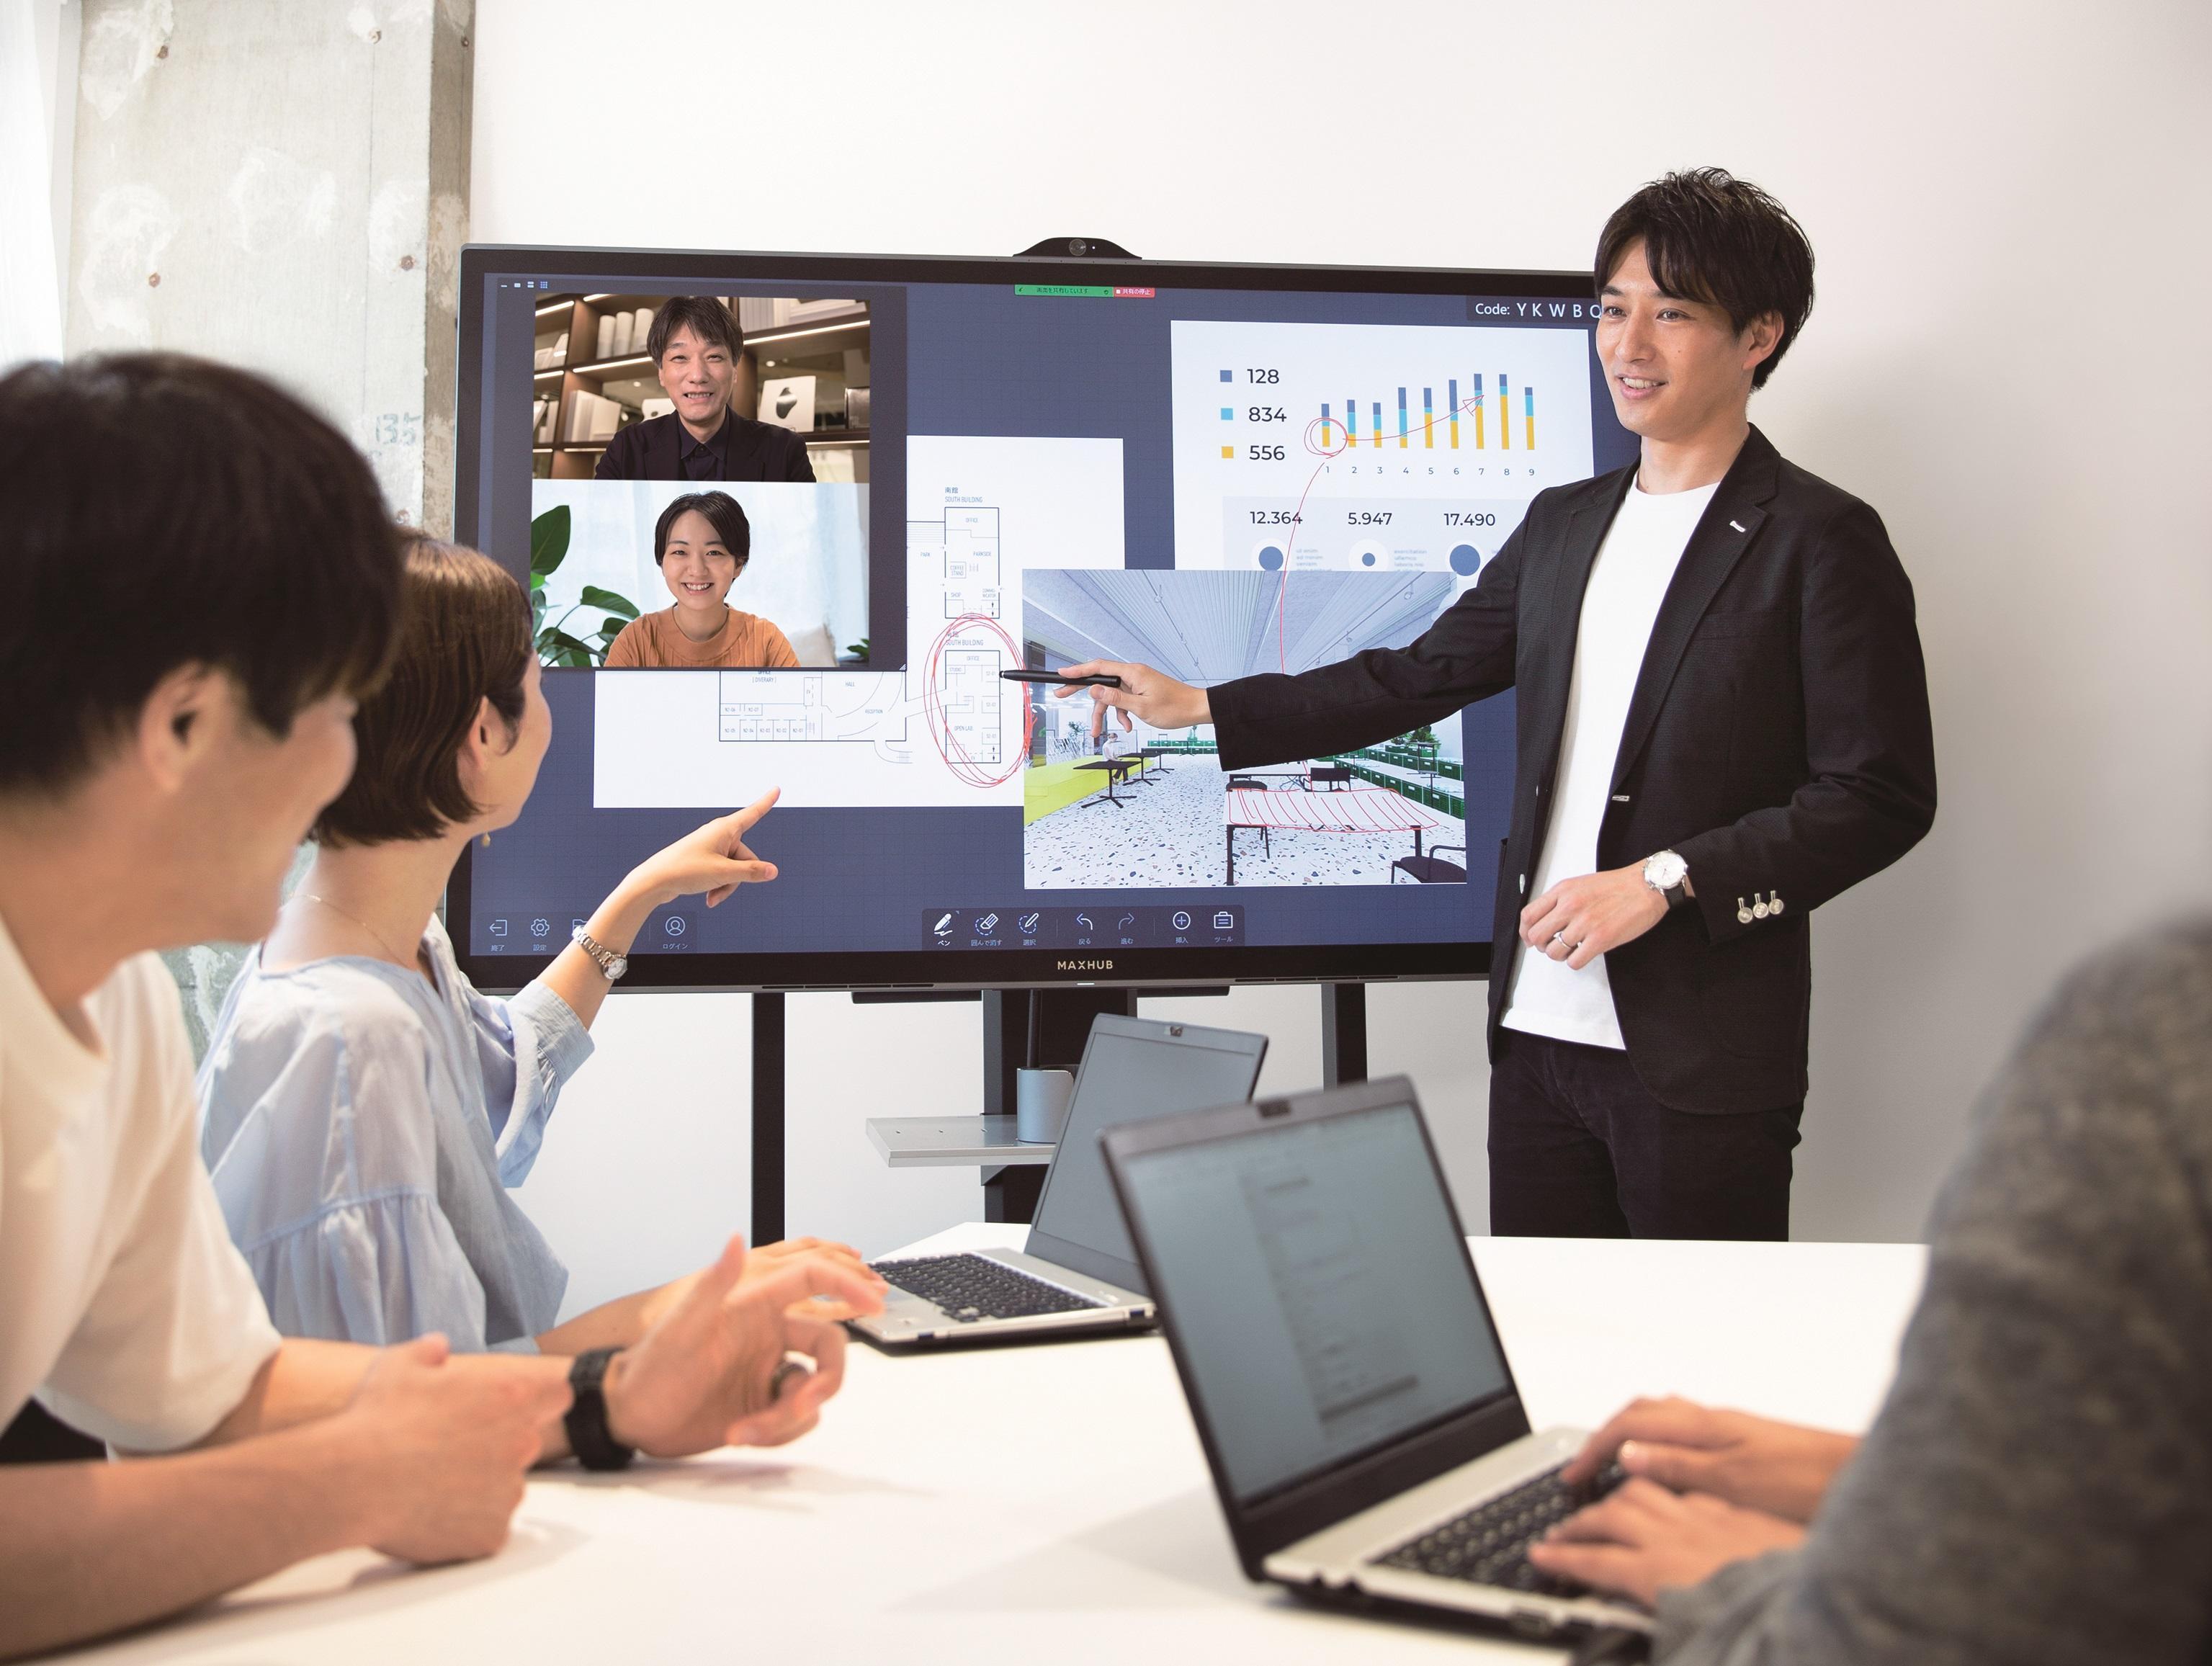 次世代インタラクティブ型コミュニケーションツール「MAXHUB」使用イメージ